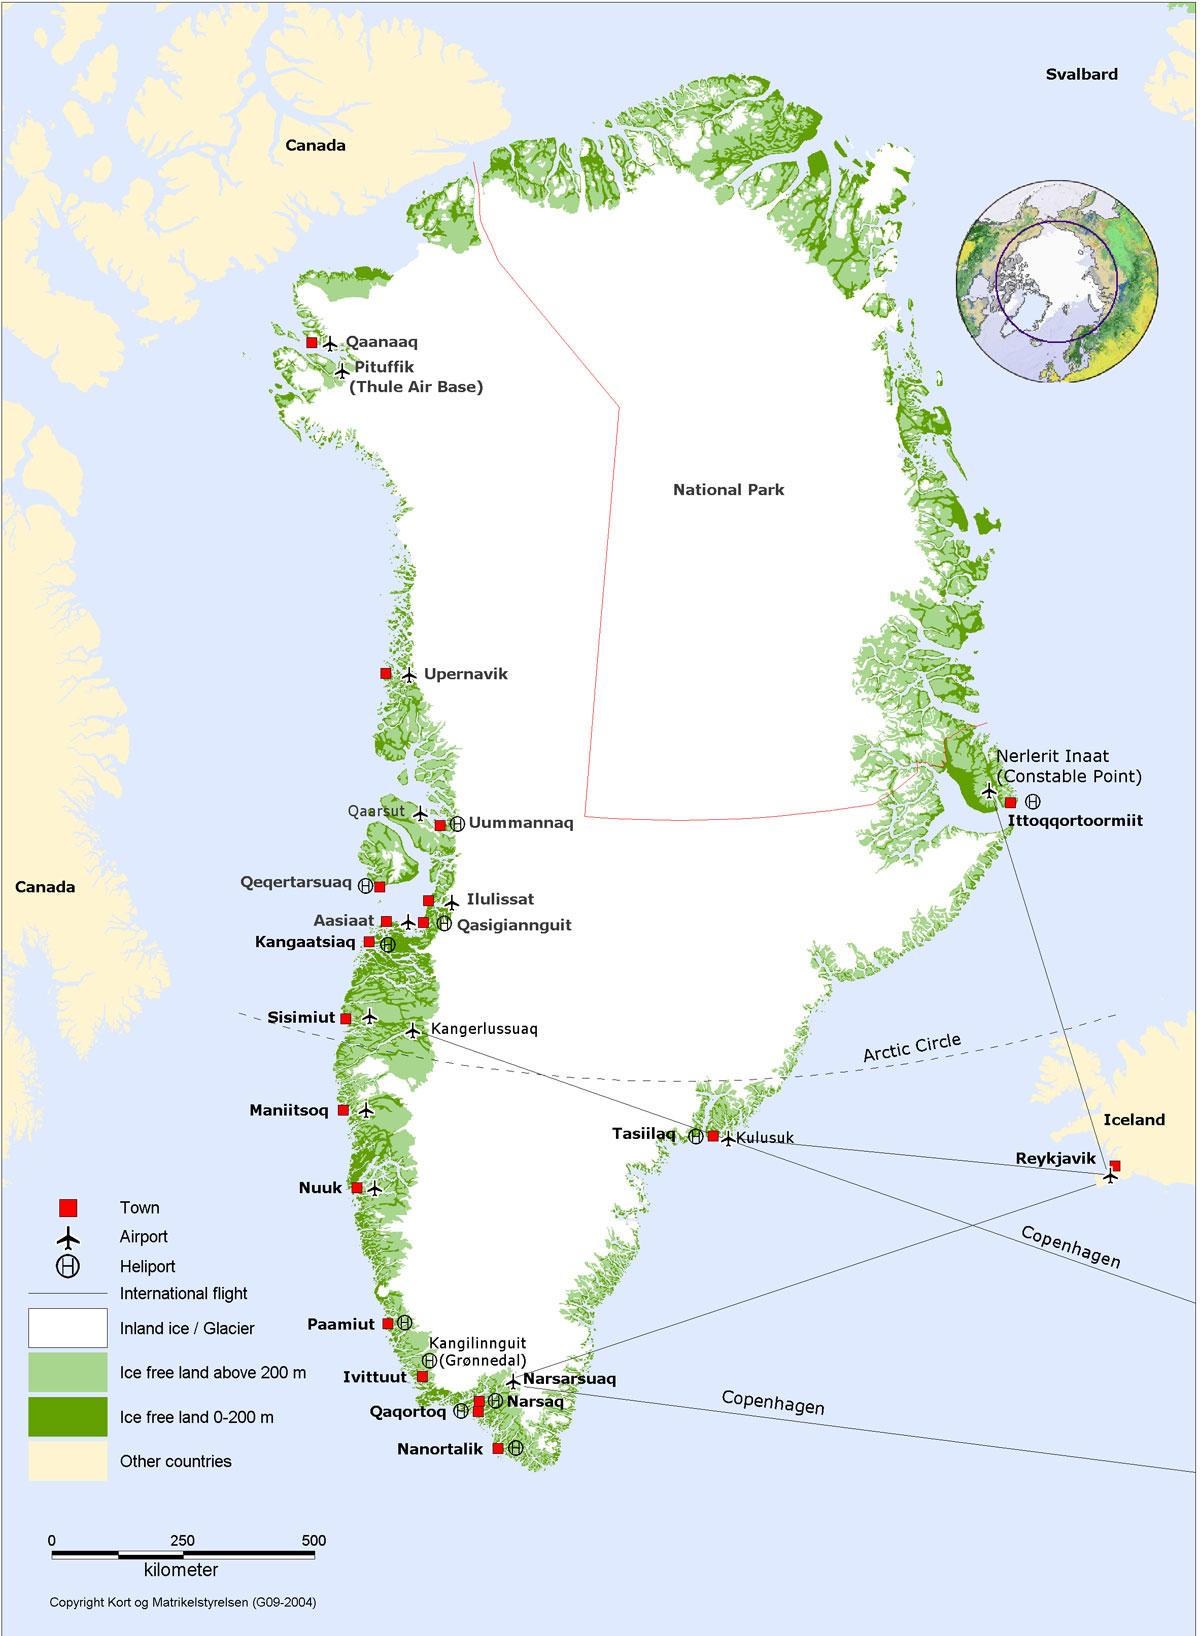 grönlands karta Grönland | Travel Forum grönlands karta